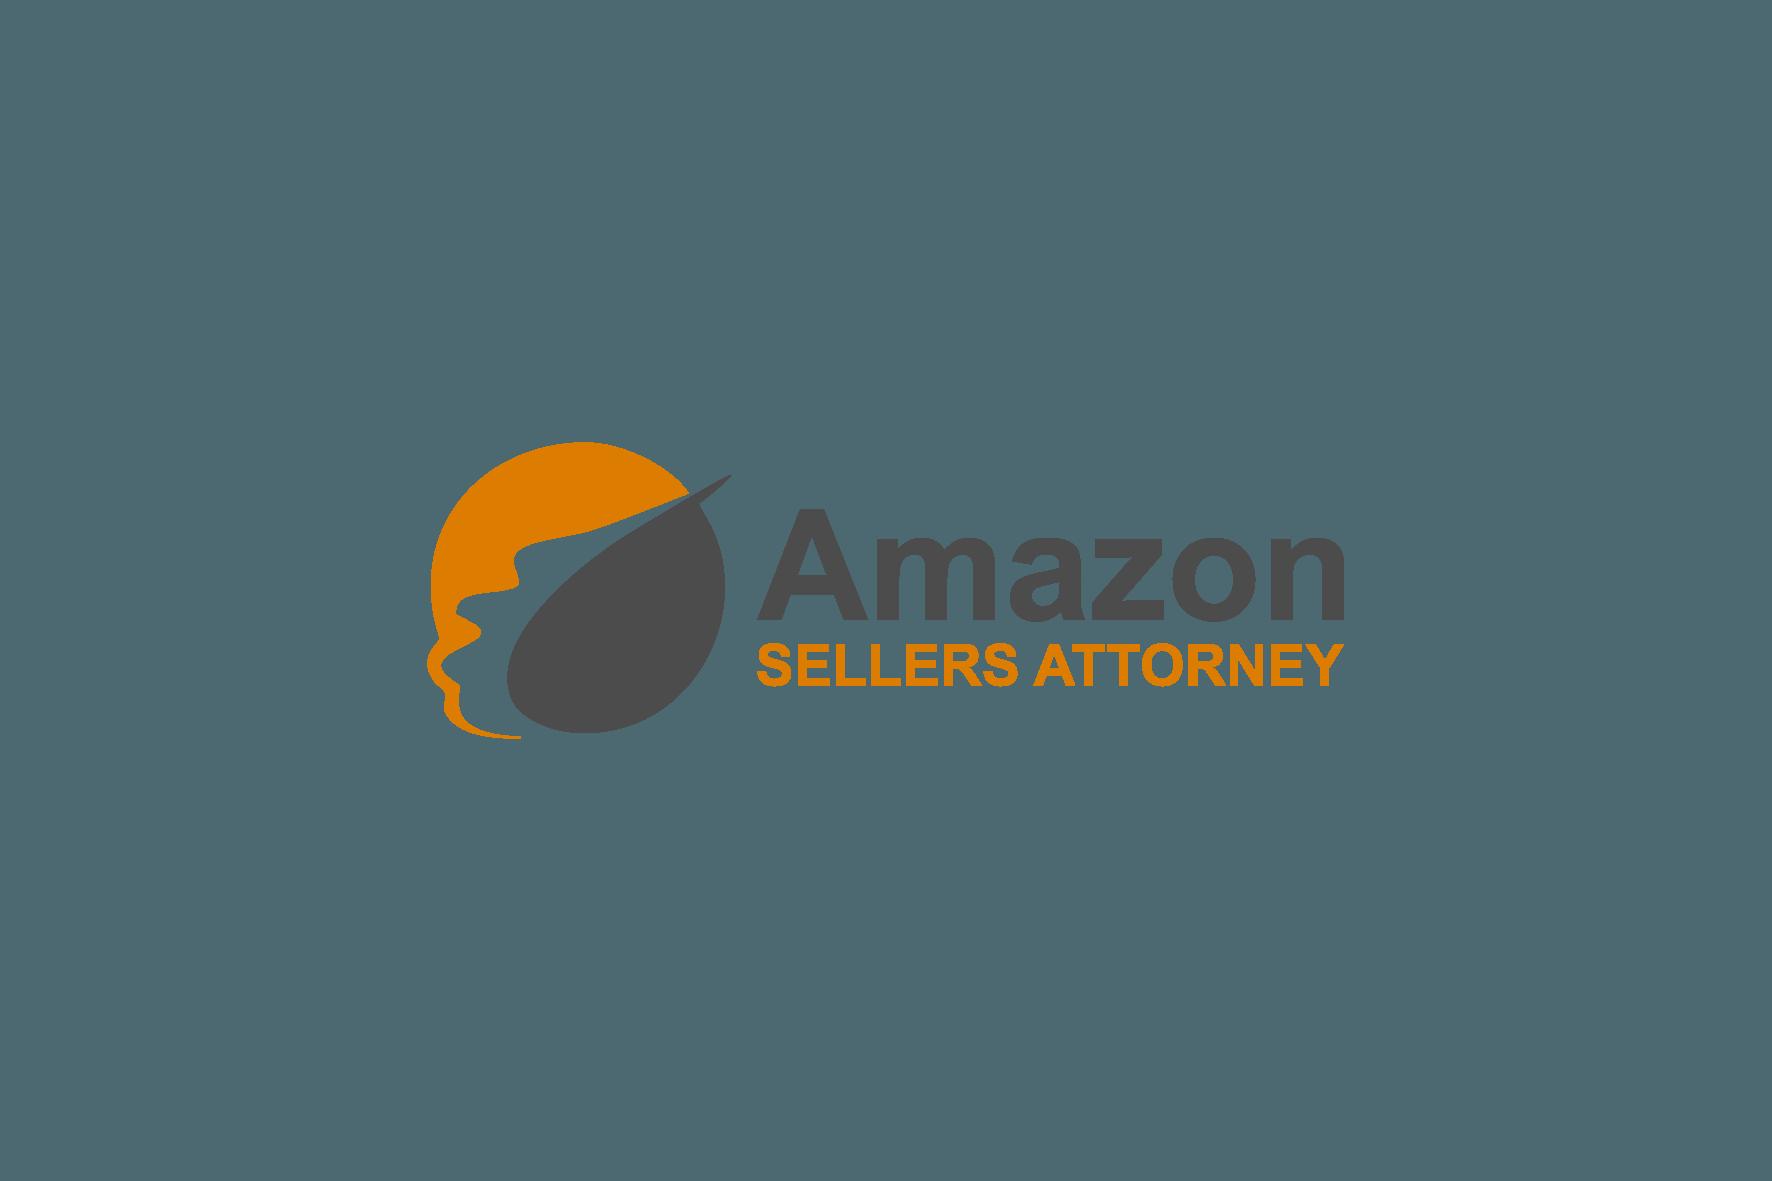 Amazon Sellers Attorney | Amazon Sellers Lawyer | Amazon